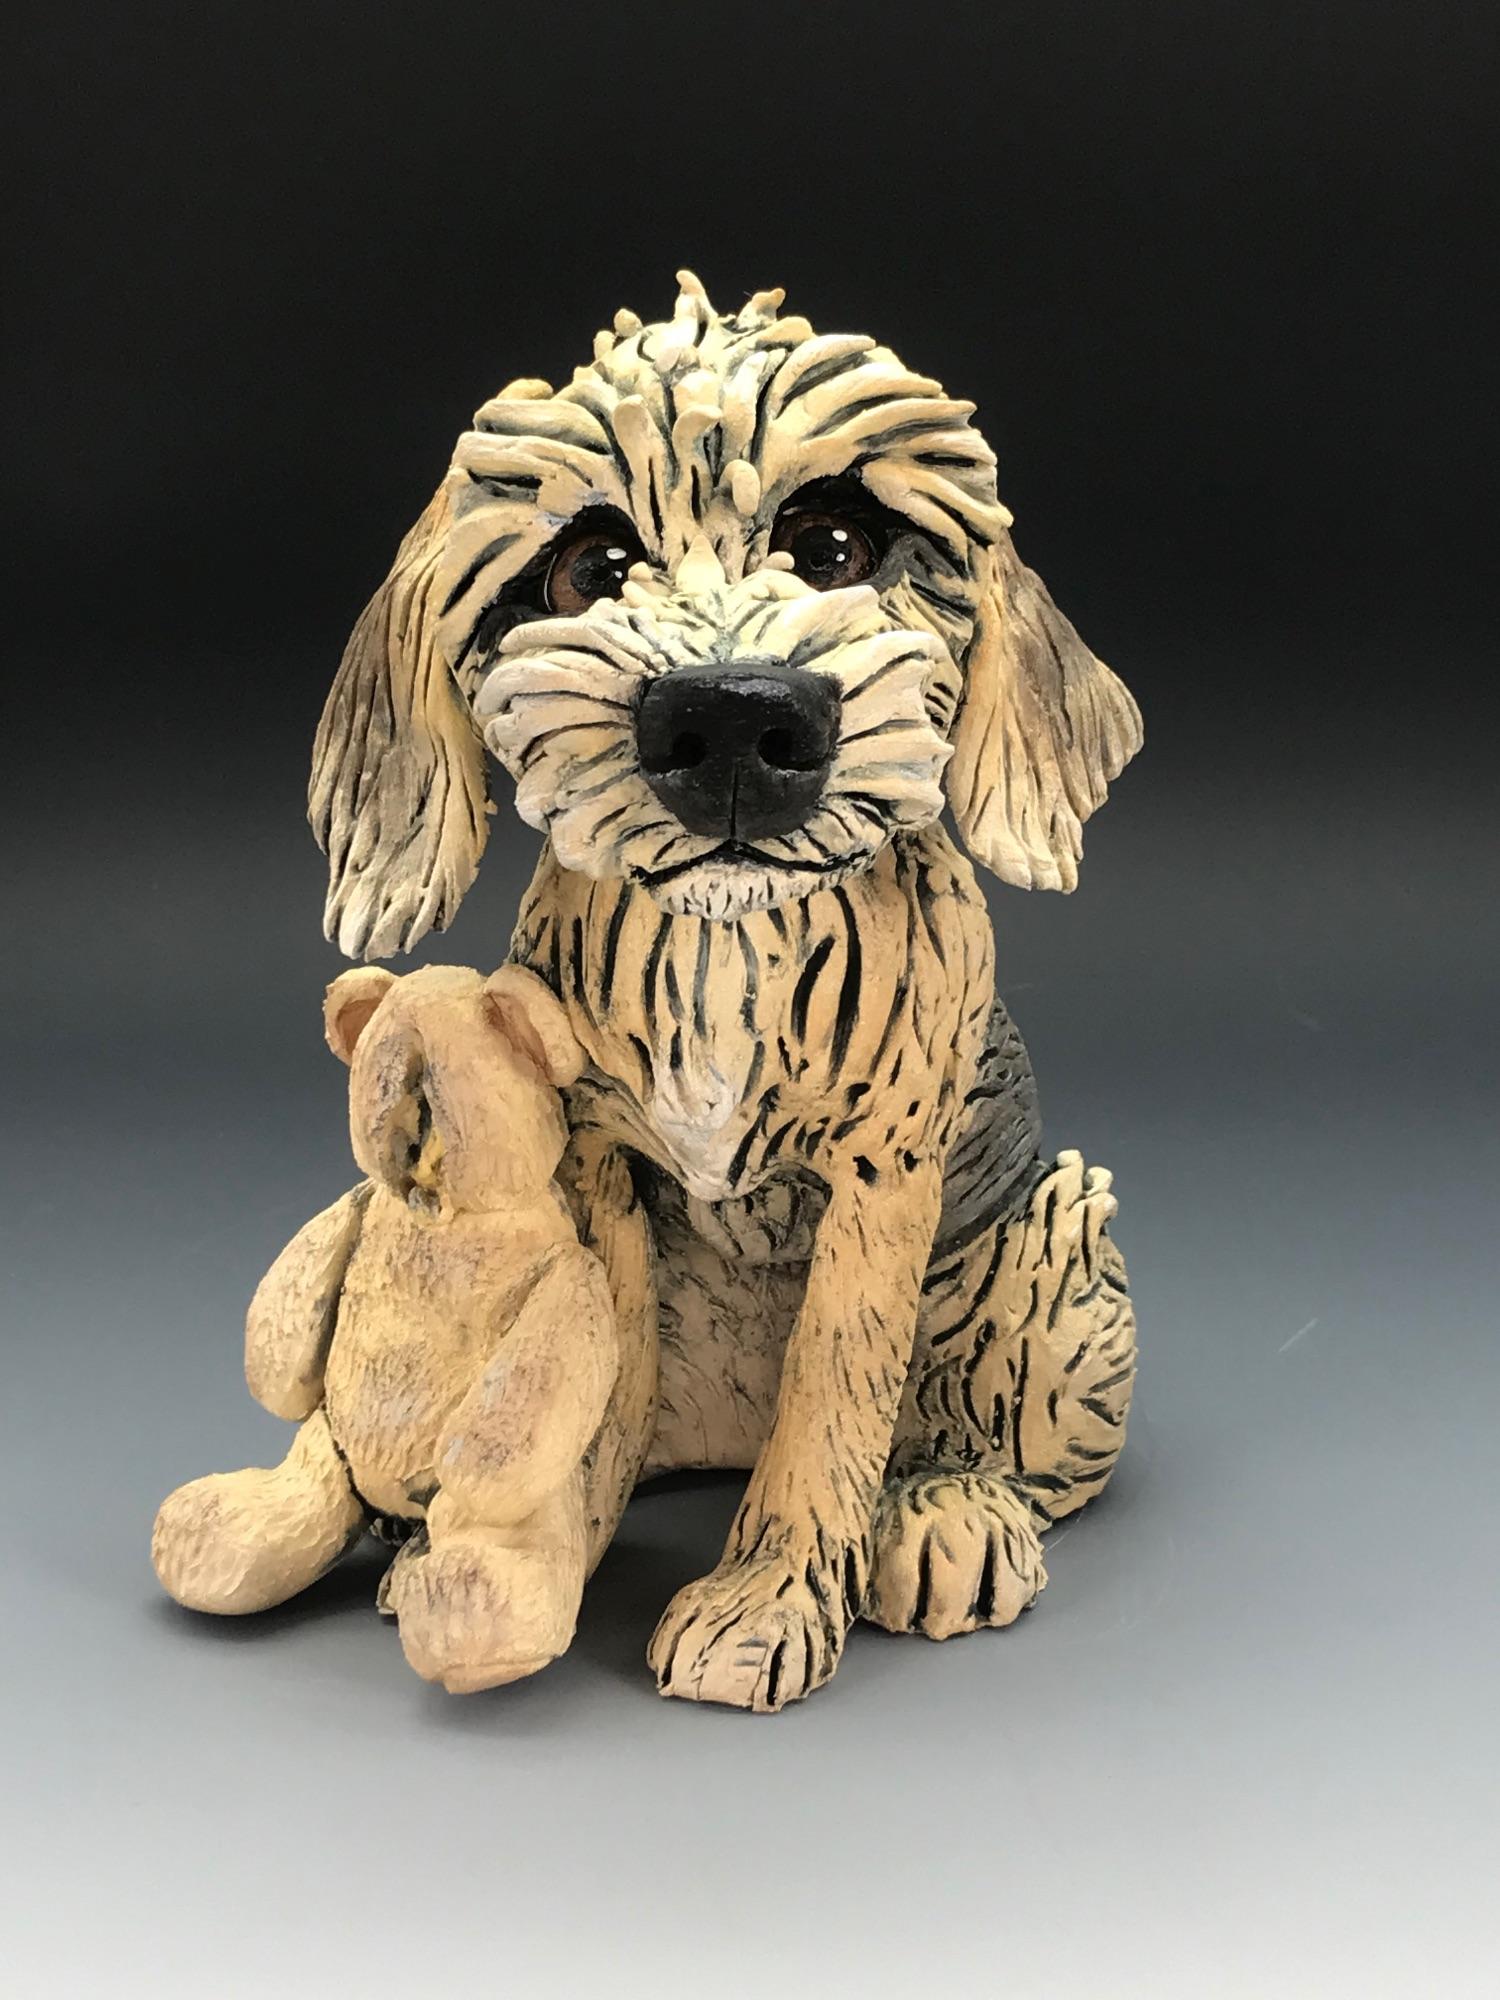 Pet Dog Sculpture, Ceramic